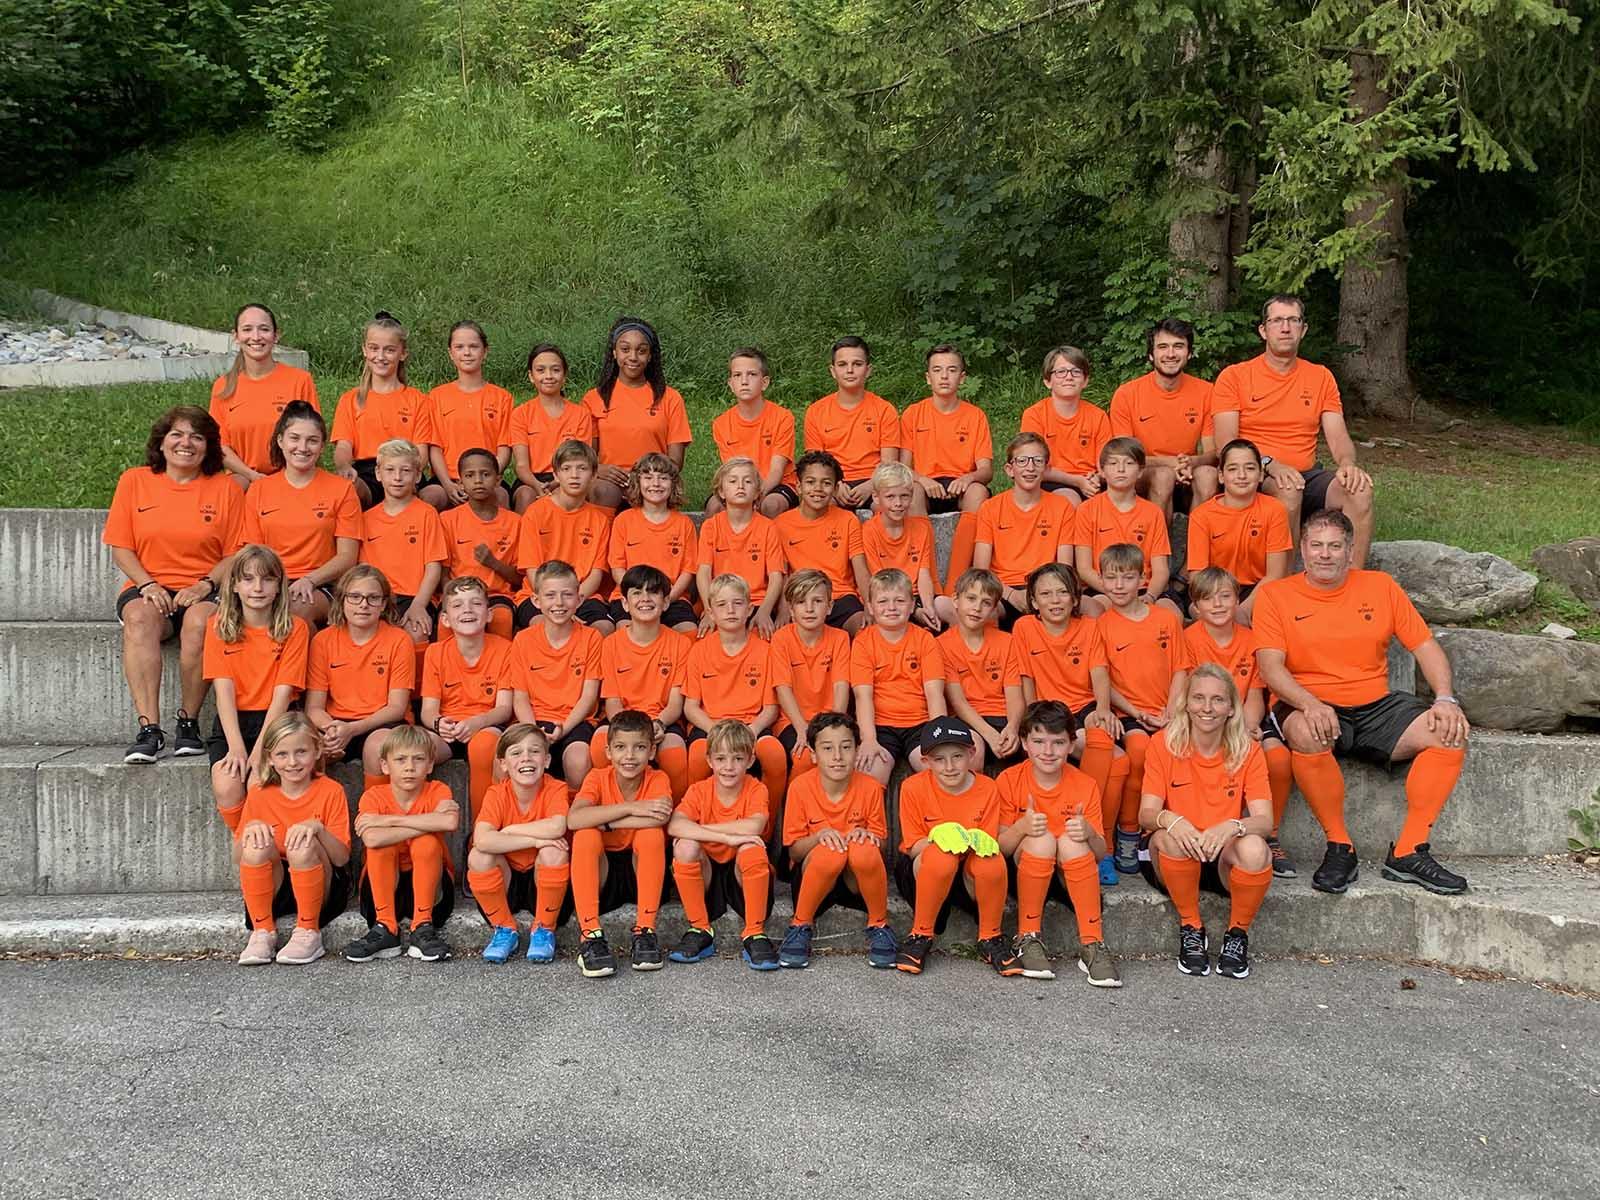 Die Juniorinnen und Junioren des SV Höngg reisten zum Sommerlager nach Lenk.